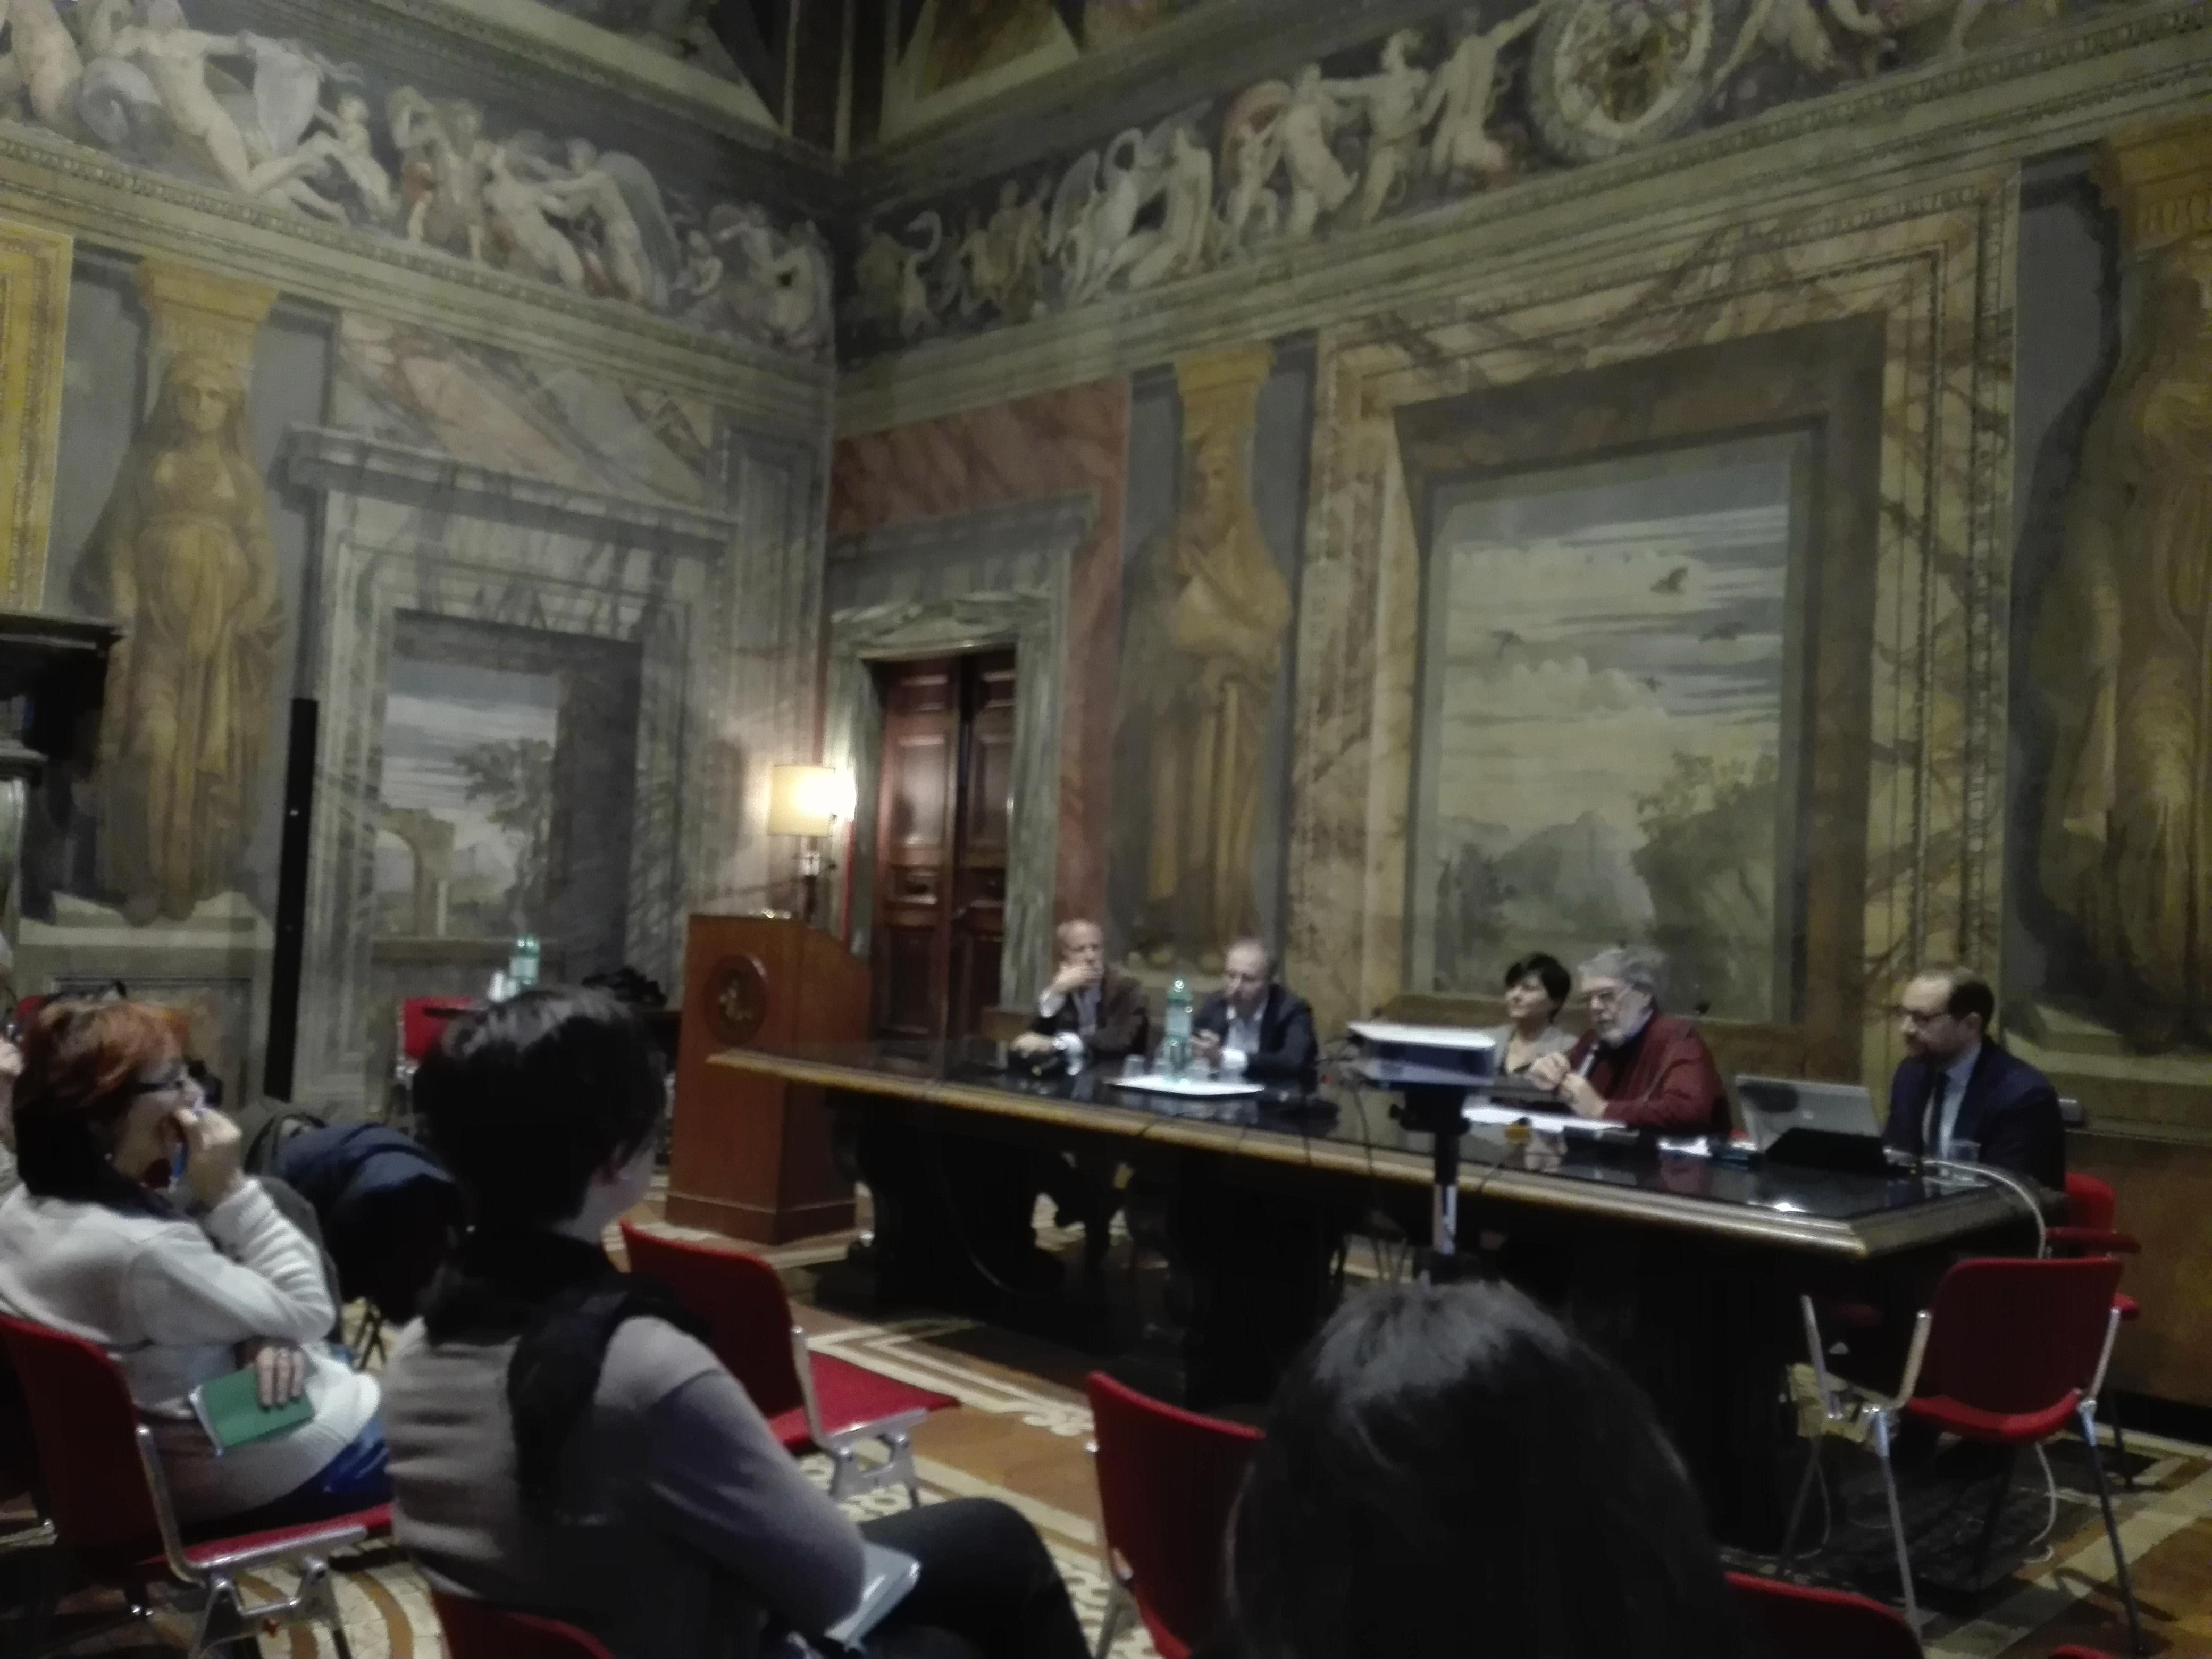 La Sala Serpieri del Palazzo Della Valle, sede di Confagricoltura, ha ospitato la Conferenza Stampa del nostro Master in Agricoltura Sociale